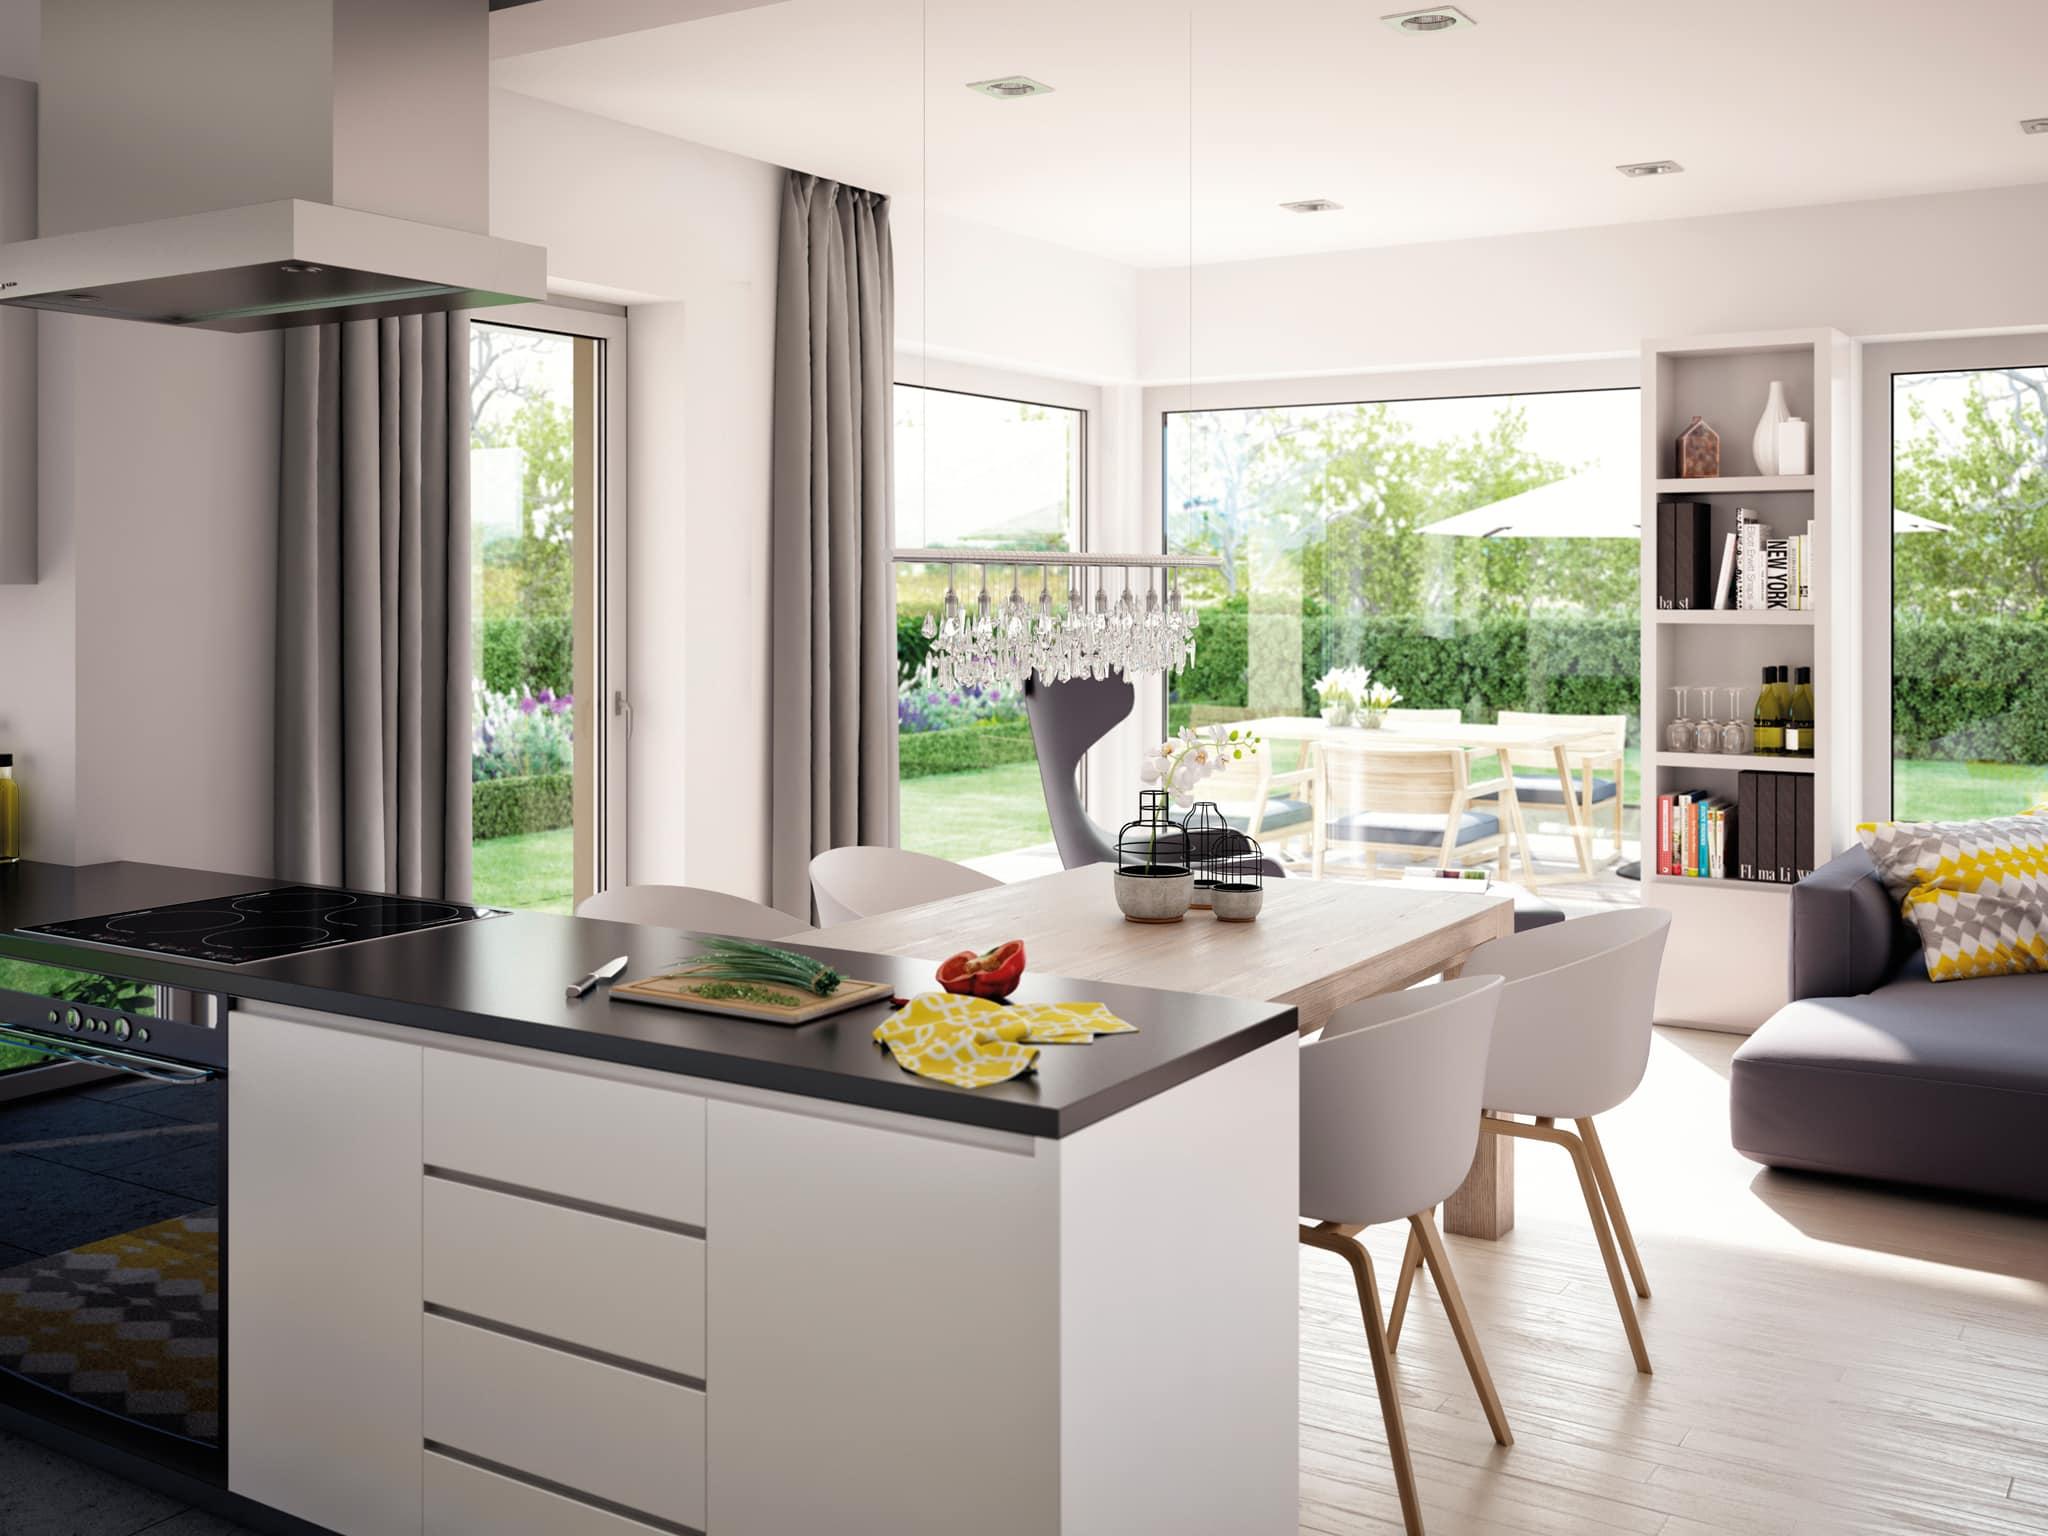 Offene Küche mit Esstisch - Inneneinrichtung Ideen Fertighaus Innen Living Haus SOLUTION 230 V5 - HausbauDirekt.de